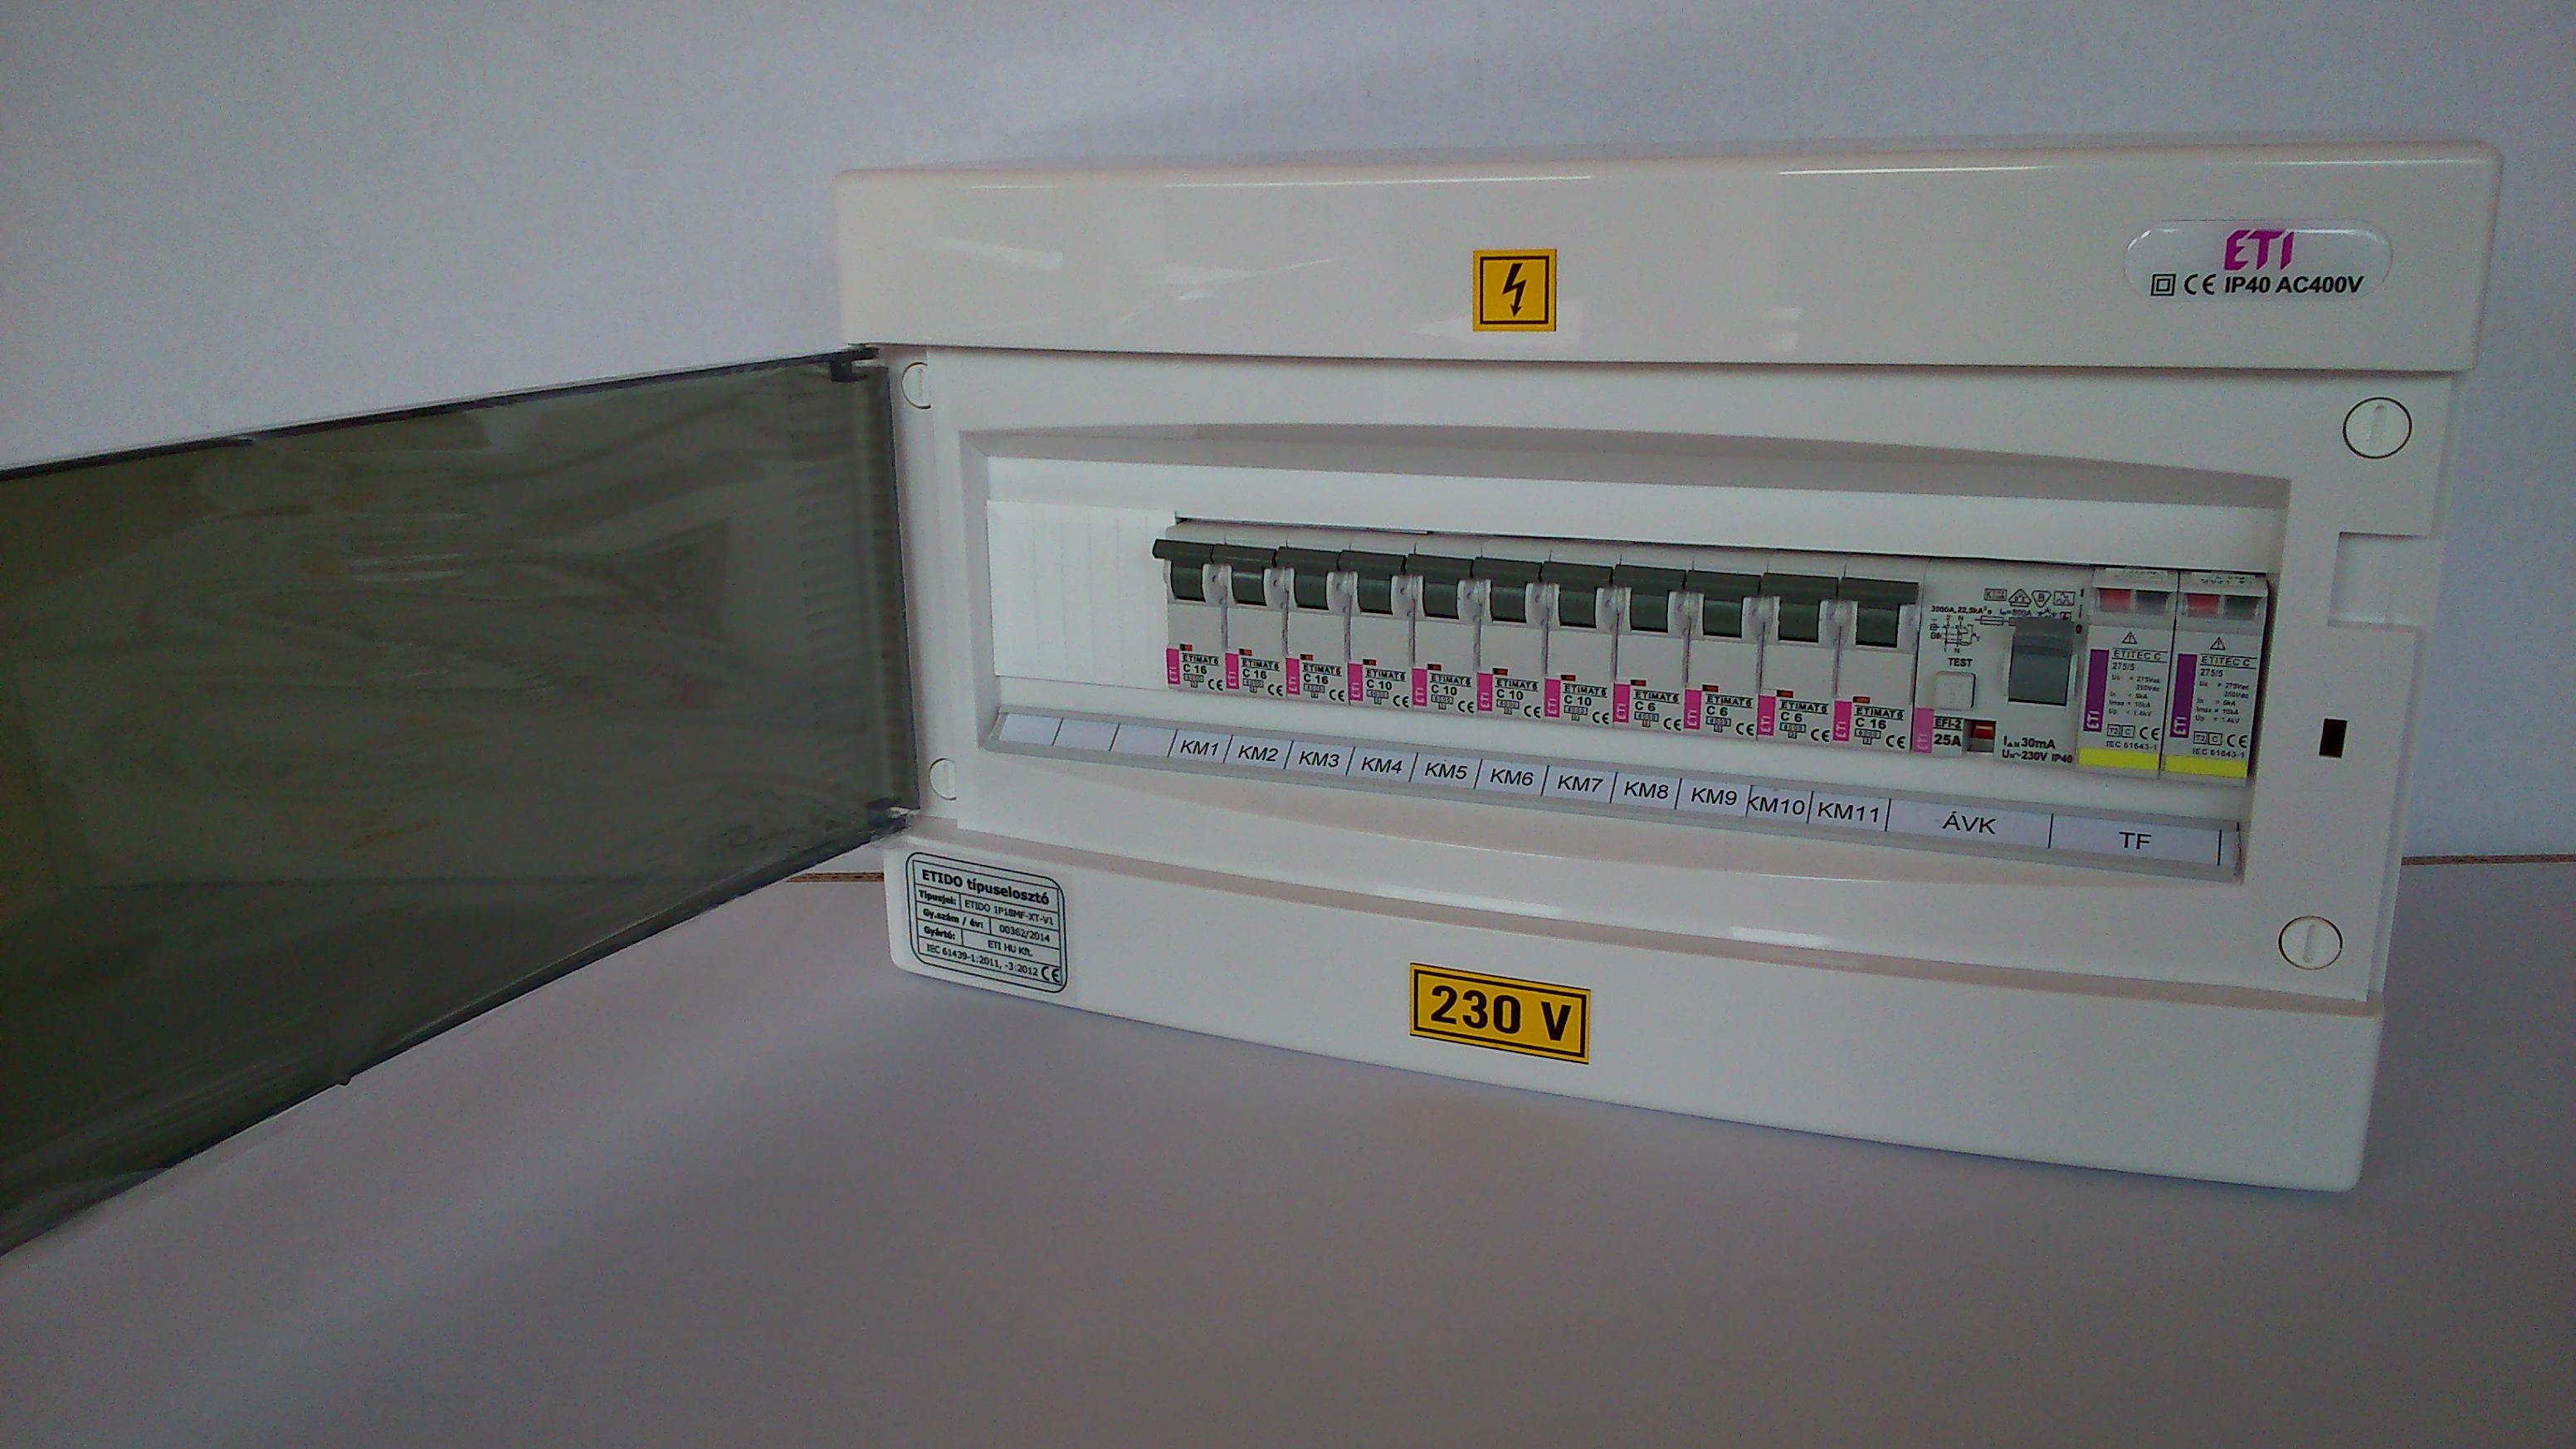 11db kisautomatát és 1 db áramvédő-kapcsoló tartalmató ETIDO lakáselosztó minőségi tanúsítvánnyal